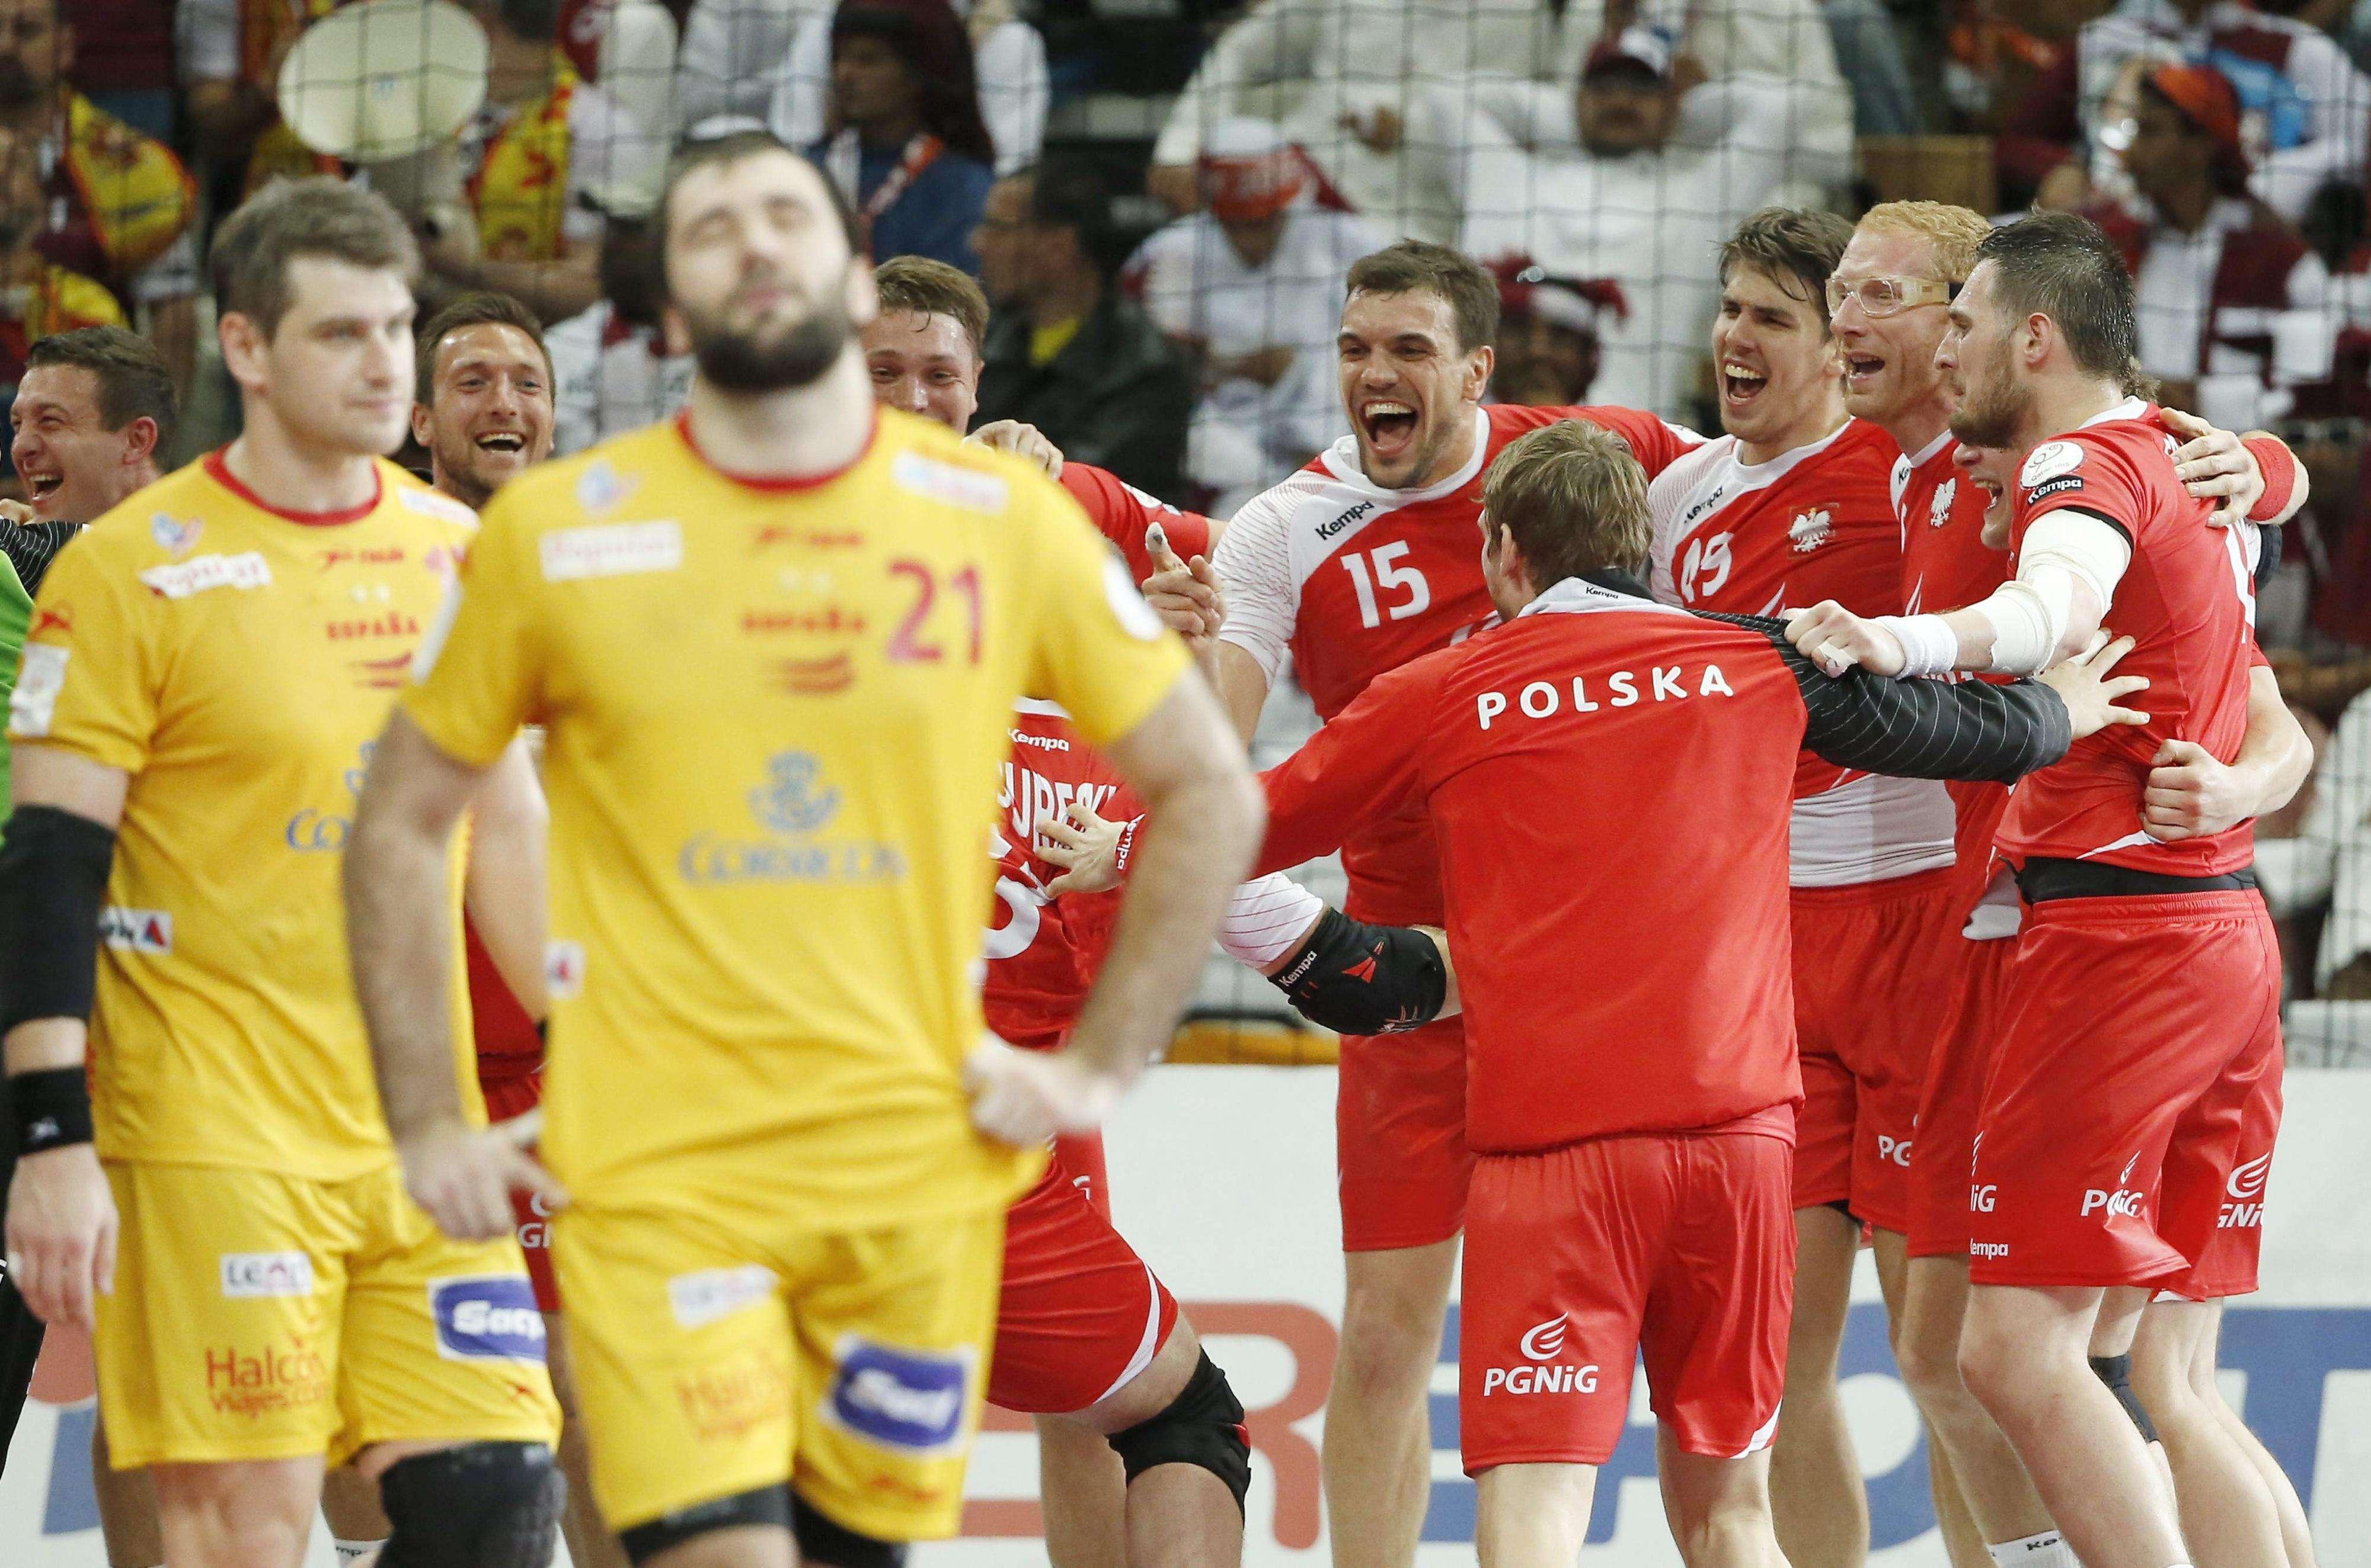 España se queda sin medalla de bronce en el Mundial de Catar 2015 al perder contra Polonia (29-28). Foto: EFE en español